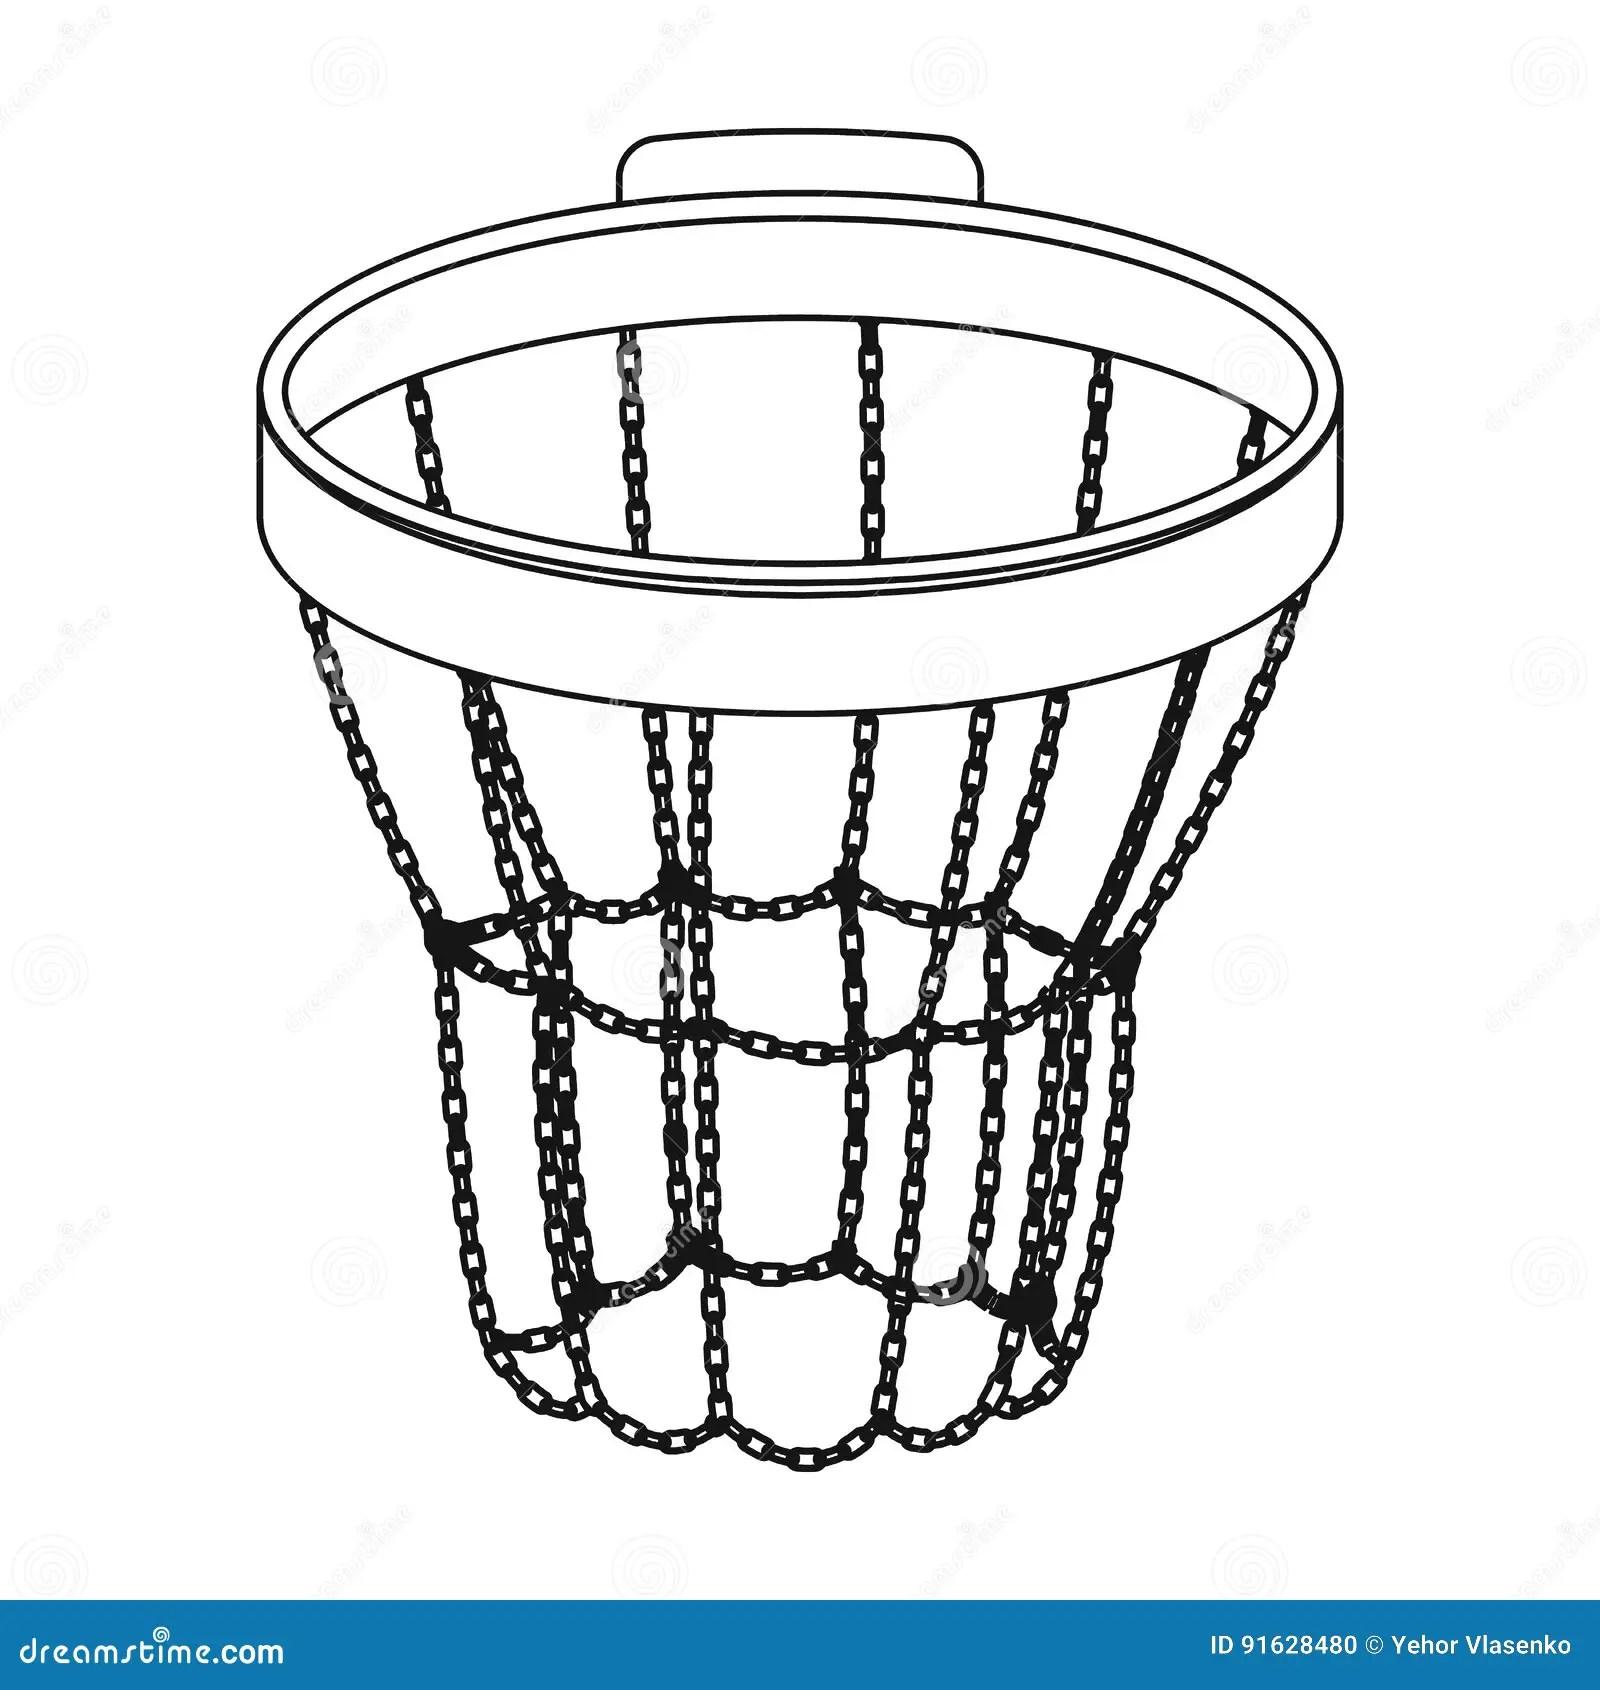 Basketball Hoop Vector Illustration Vector Illustration